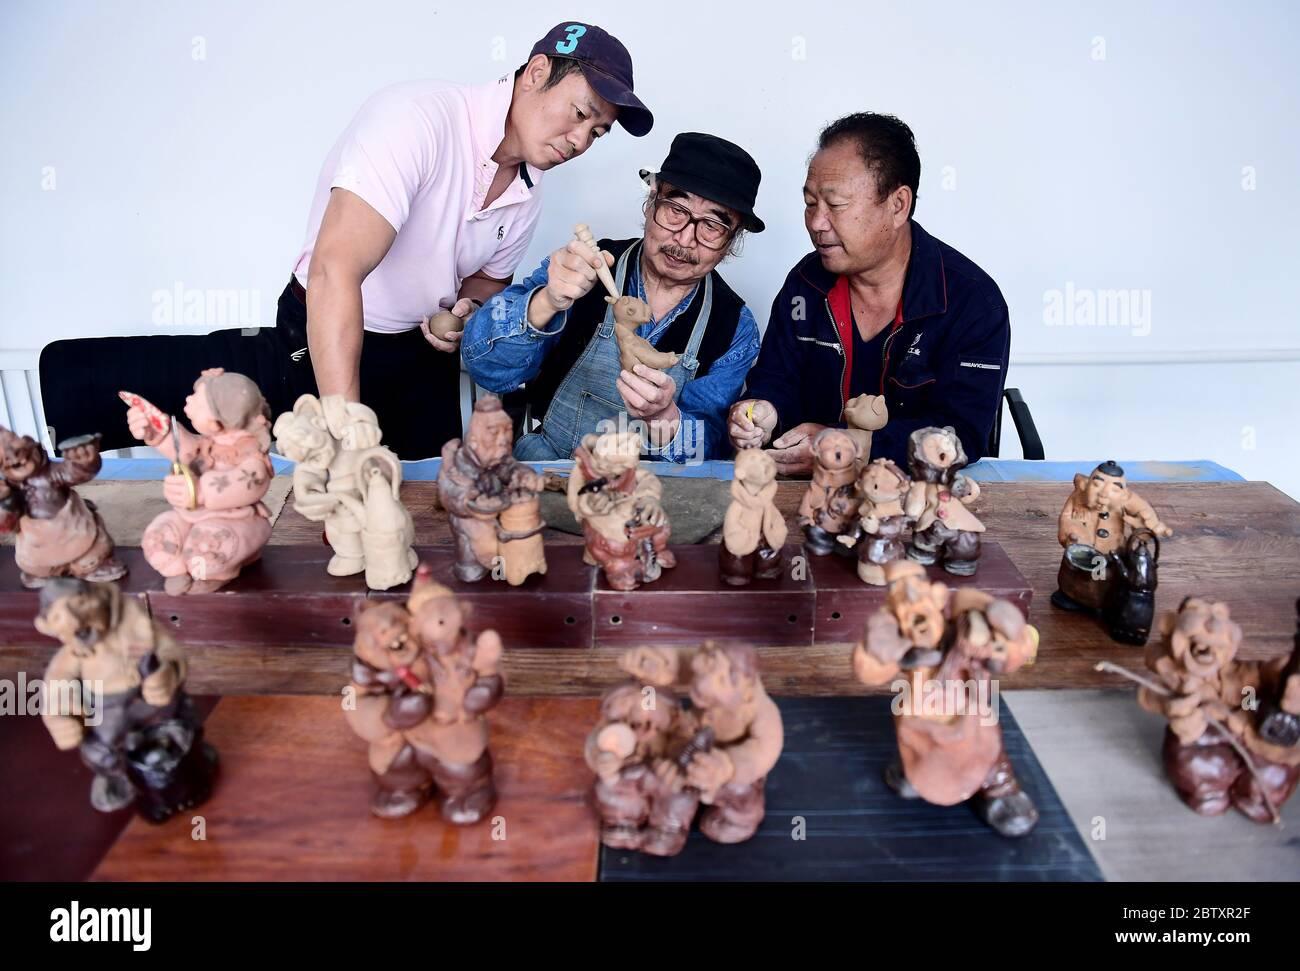 28 mai 2020, Shenyang, Shenyang, Chine : LiaoningïÂμÅ'CHINA-Wang Chen enseigne aux gens comment pétrir des figurines en argile au musée d'art wang Chen sur la rue changjiang dans la ville de shenyang, province de liaoning, 24 mai 2020. À seulement dix minutes, un morceau de boue commune entre les mains de wang Chen va se mettre en vie, magasiner deux, Bao zi Shop commis, barber, erhu, vendre de la gourde sucre glace... Les petites figures d'argile sont exagérées dans l'apparence et riches dans l'expression, comme si elles reproduissaient les scènes de la vie de marché dans la dynastie qing tardive avec le langage silencieux. (Image crédit: © SIPA Asia via ZUMA Banque D'Images